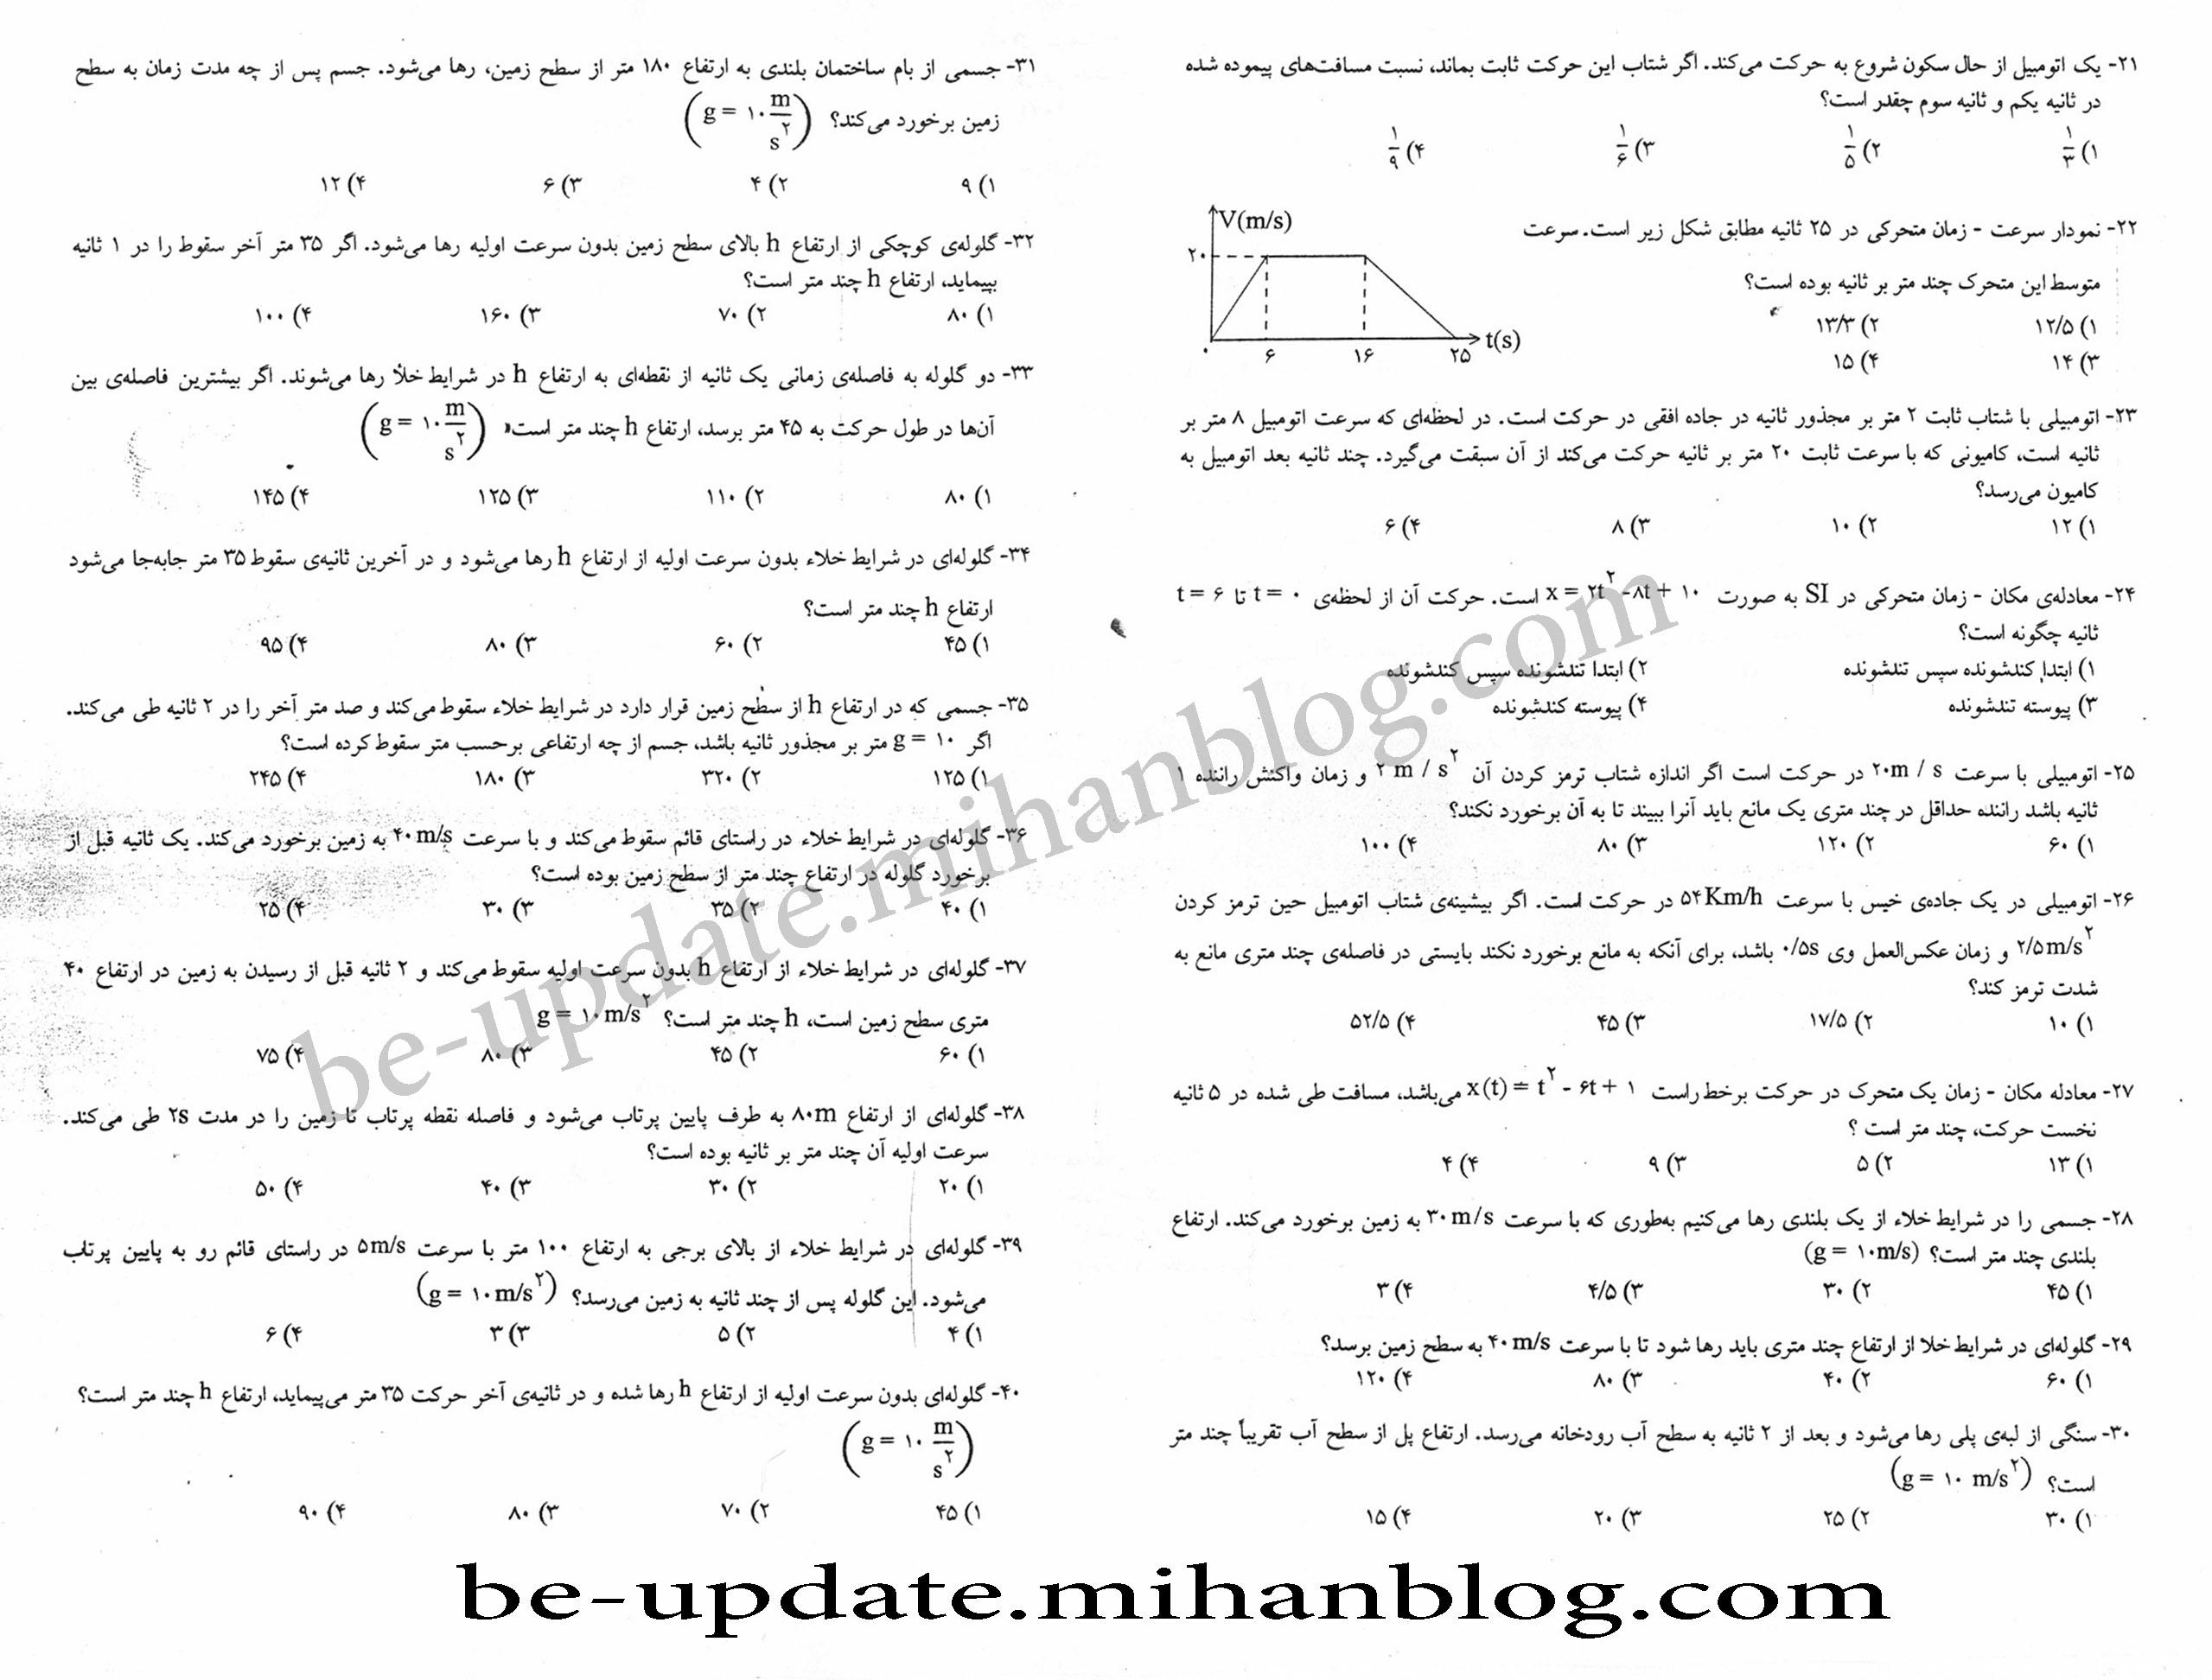 دانلود پاسخ تمرینات عربی دوم دبیرستان